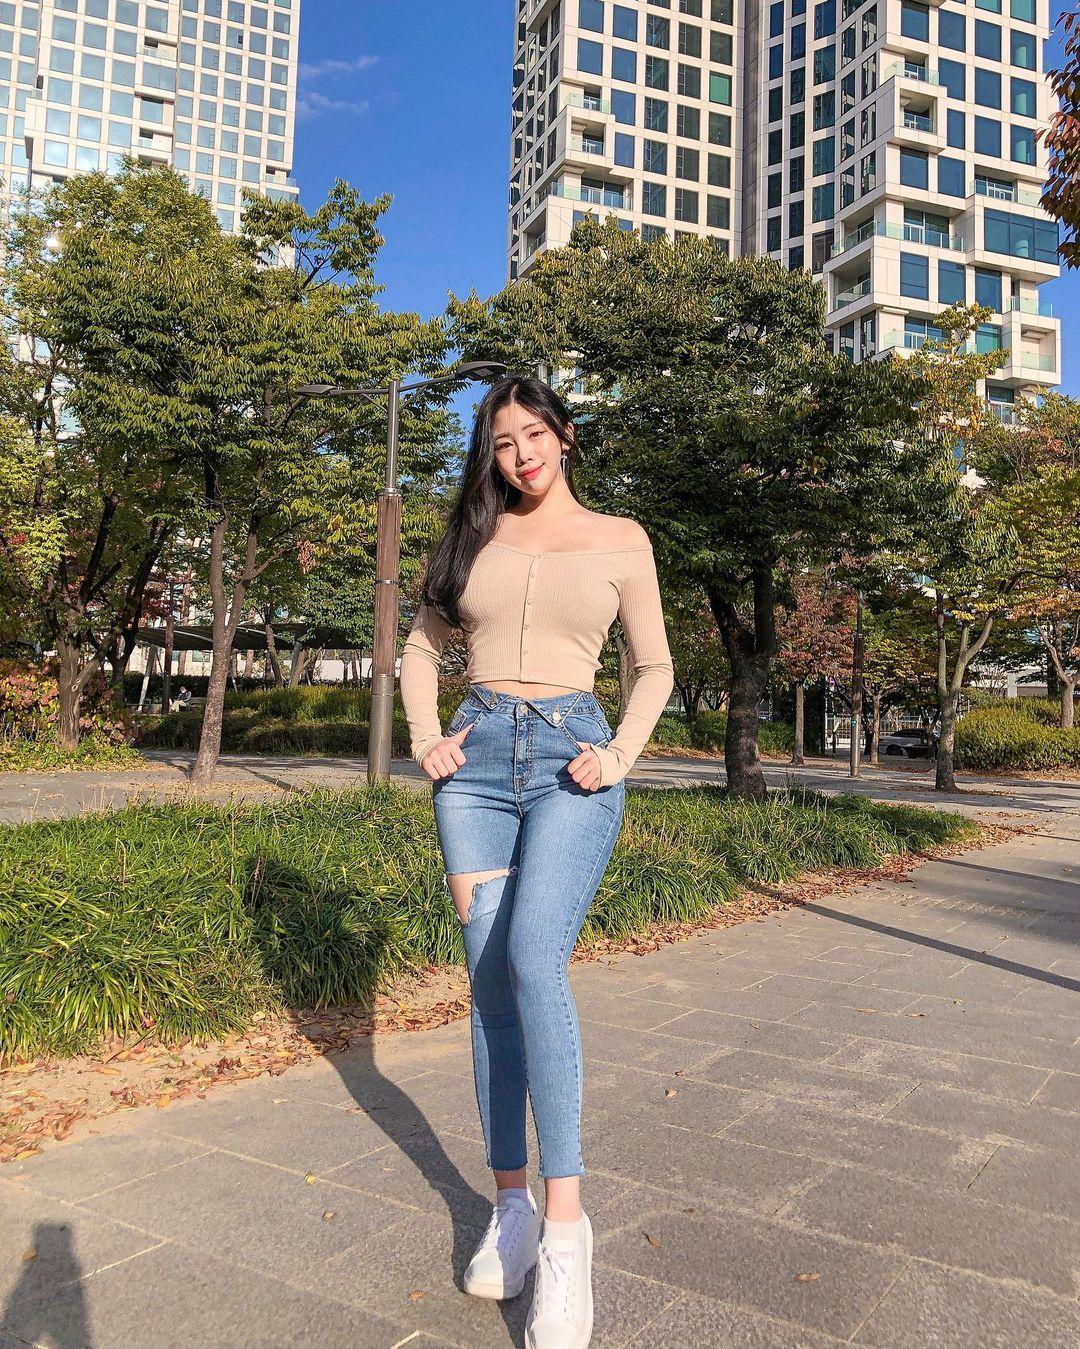 清凉穿着自己卖 [韩国泳衣阙娘Yebin]亲自试穿性感度满点 养眼图片 第26张